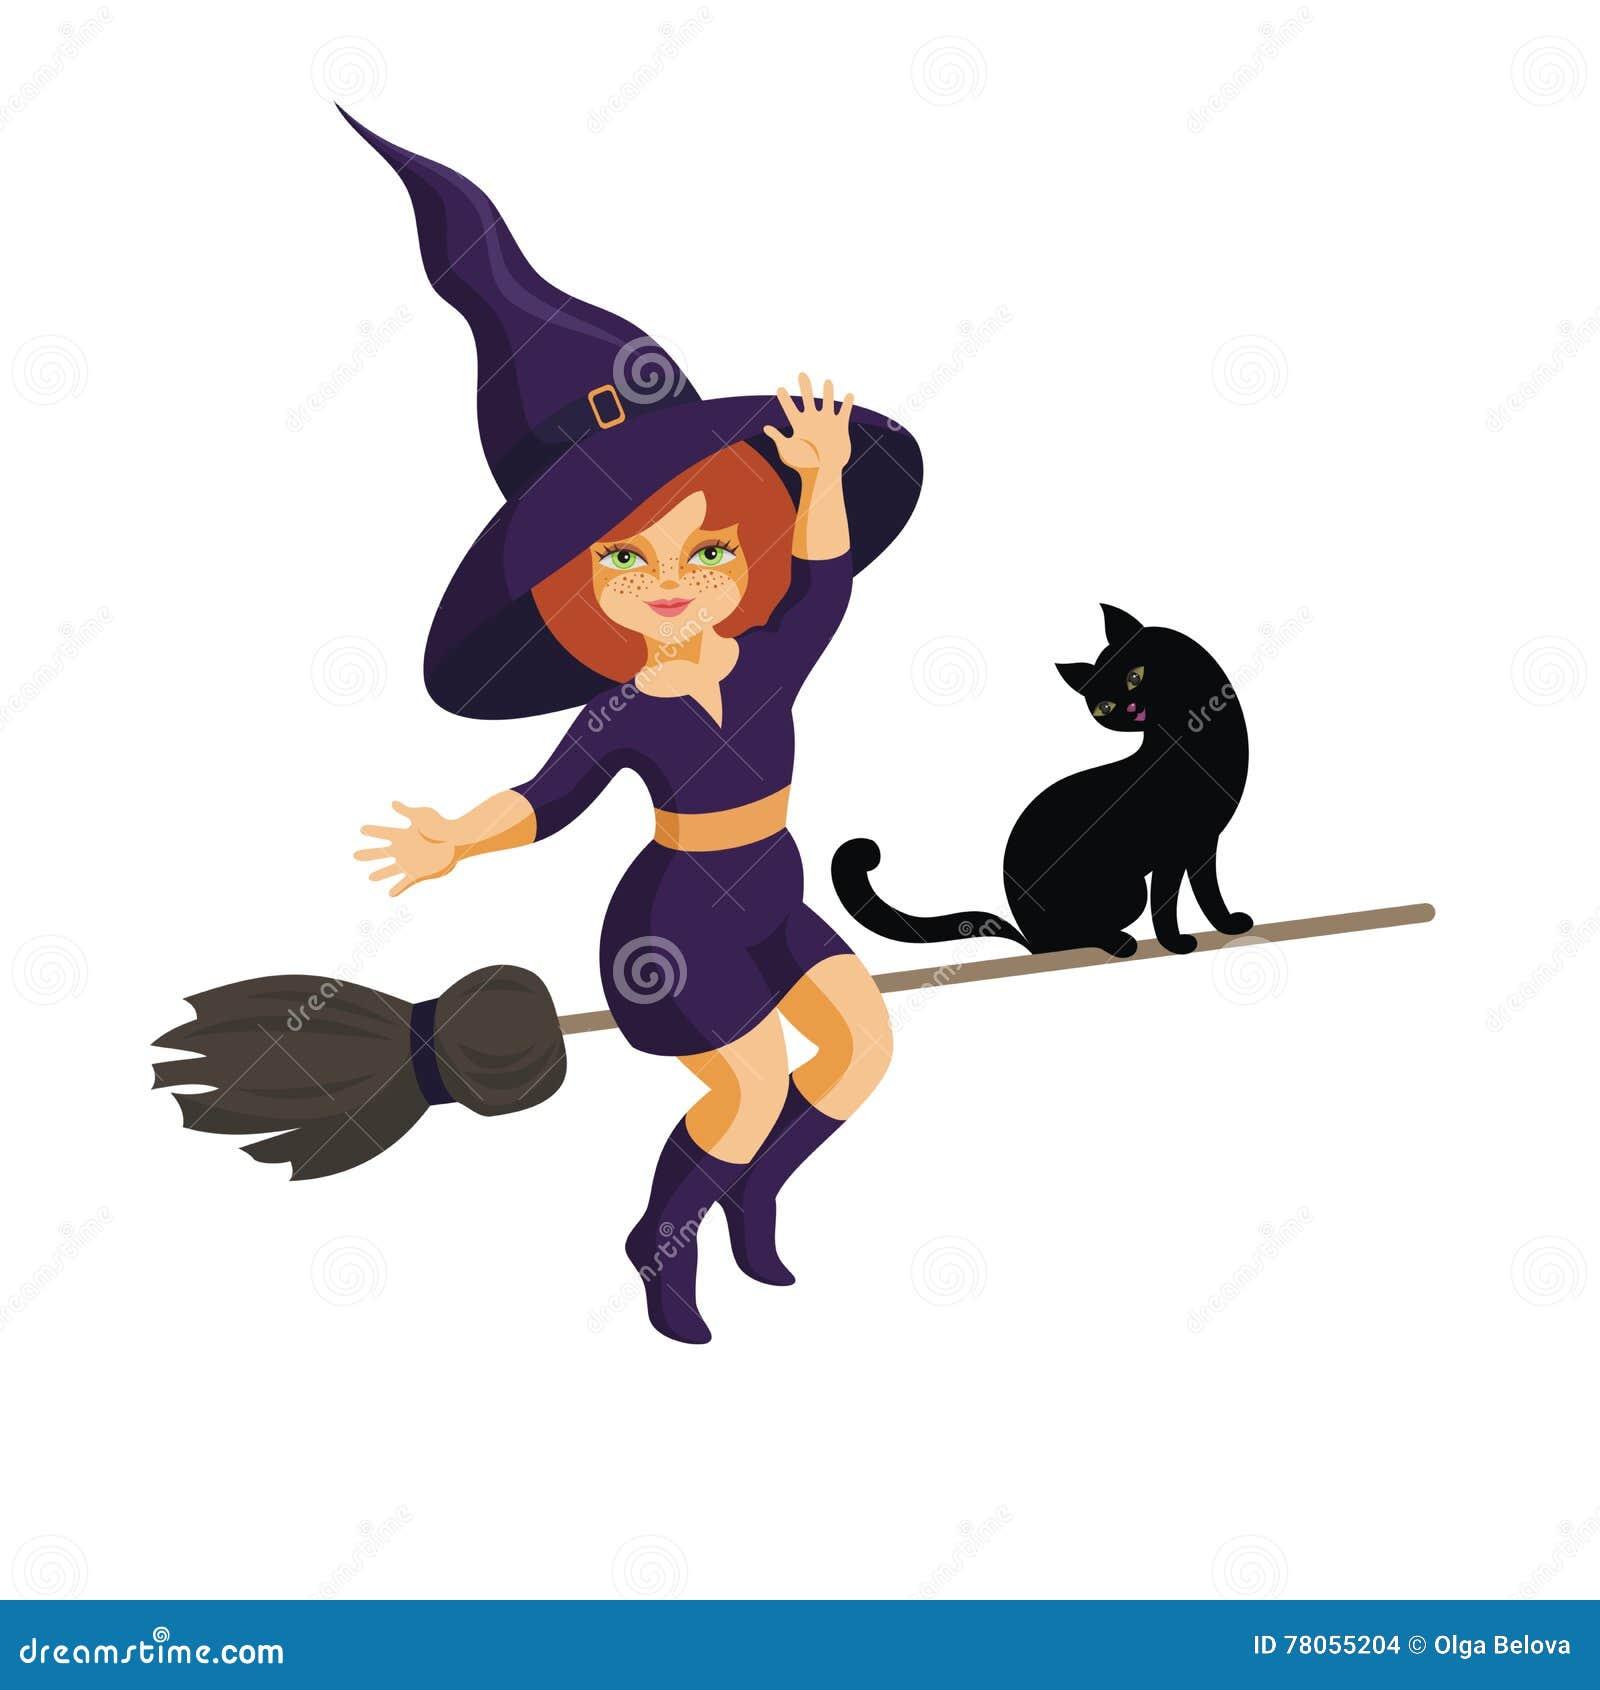 Прикольные картинки изображением ведьмочки рыжей с двумя котами, картинки